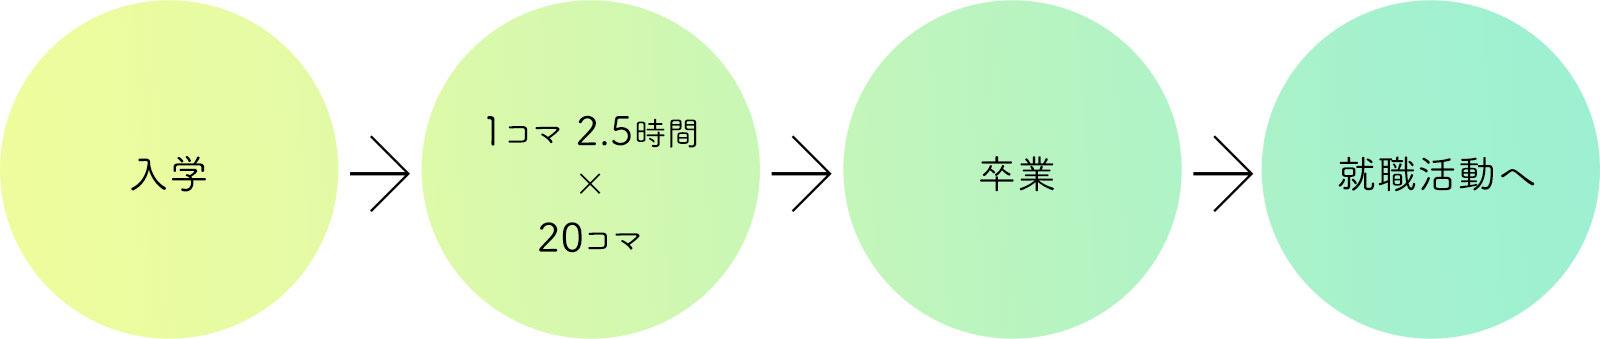 入学 → 1コマ2.5時間 × 20コマ → 卒業 → 就職活動へ